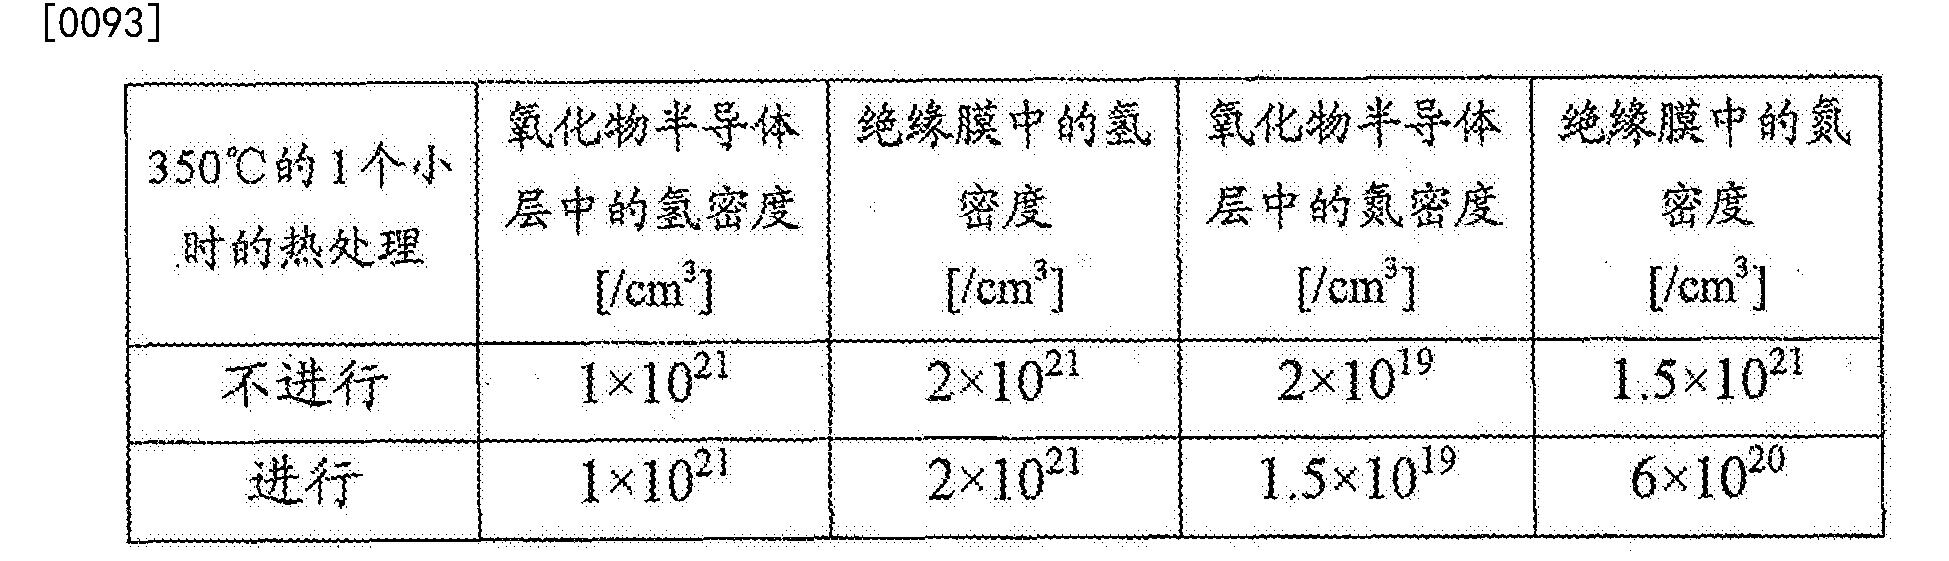 Figure CN104124280BD00101